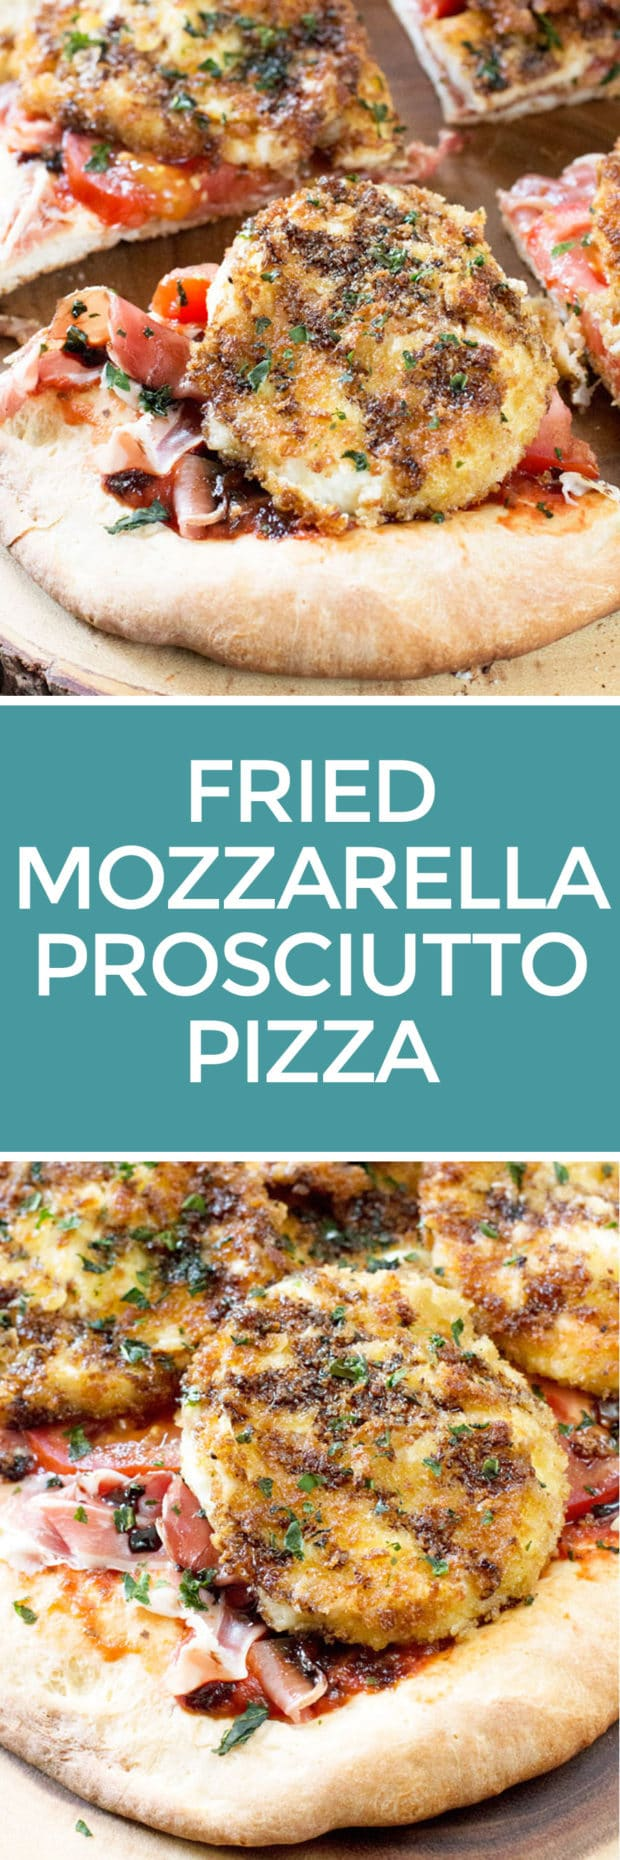 Fried Mozzarella Prosciutto Pizza   cakenknife.com